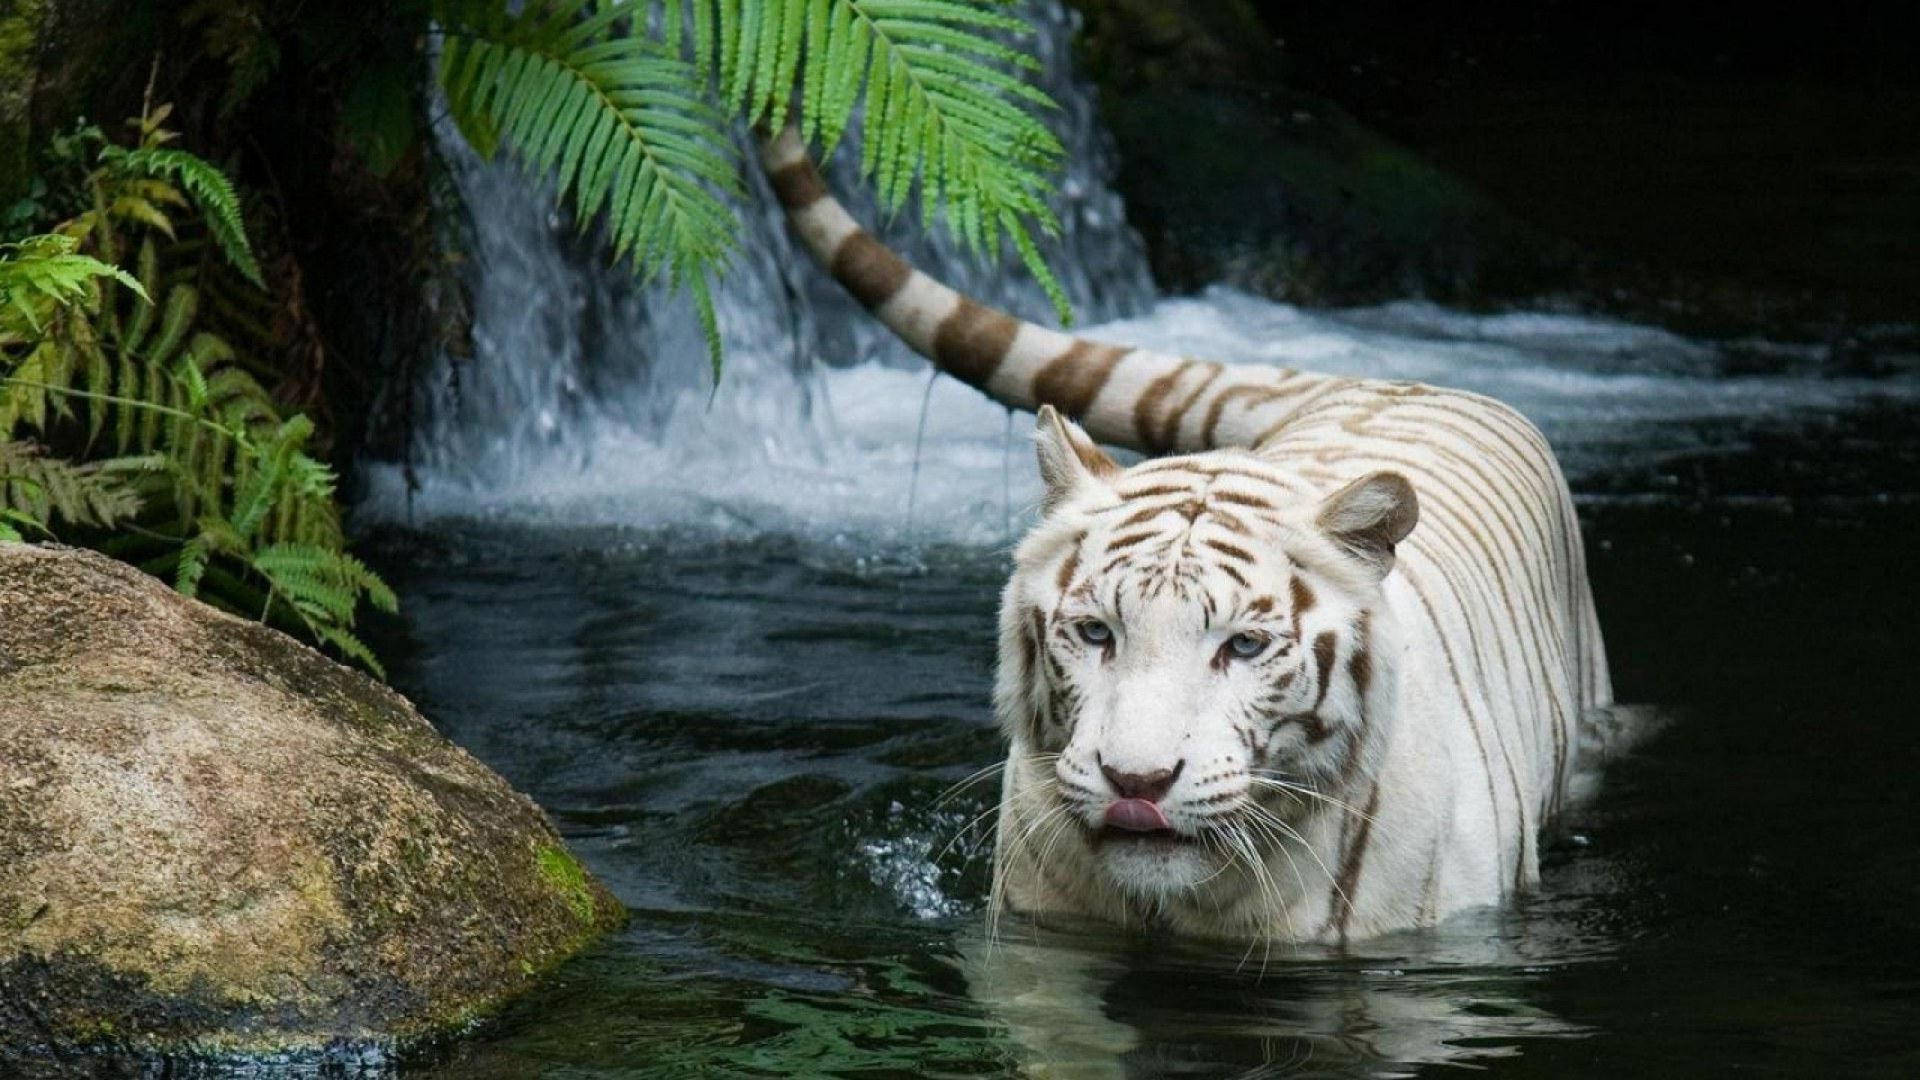 White Tiger, Wallpaper Picture